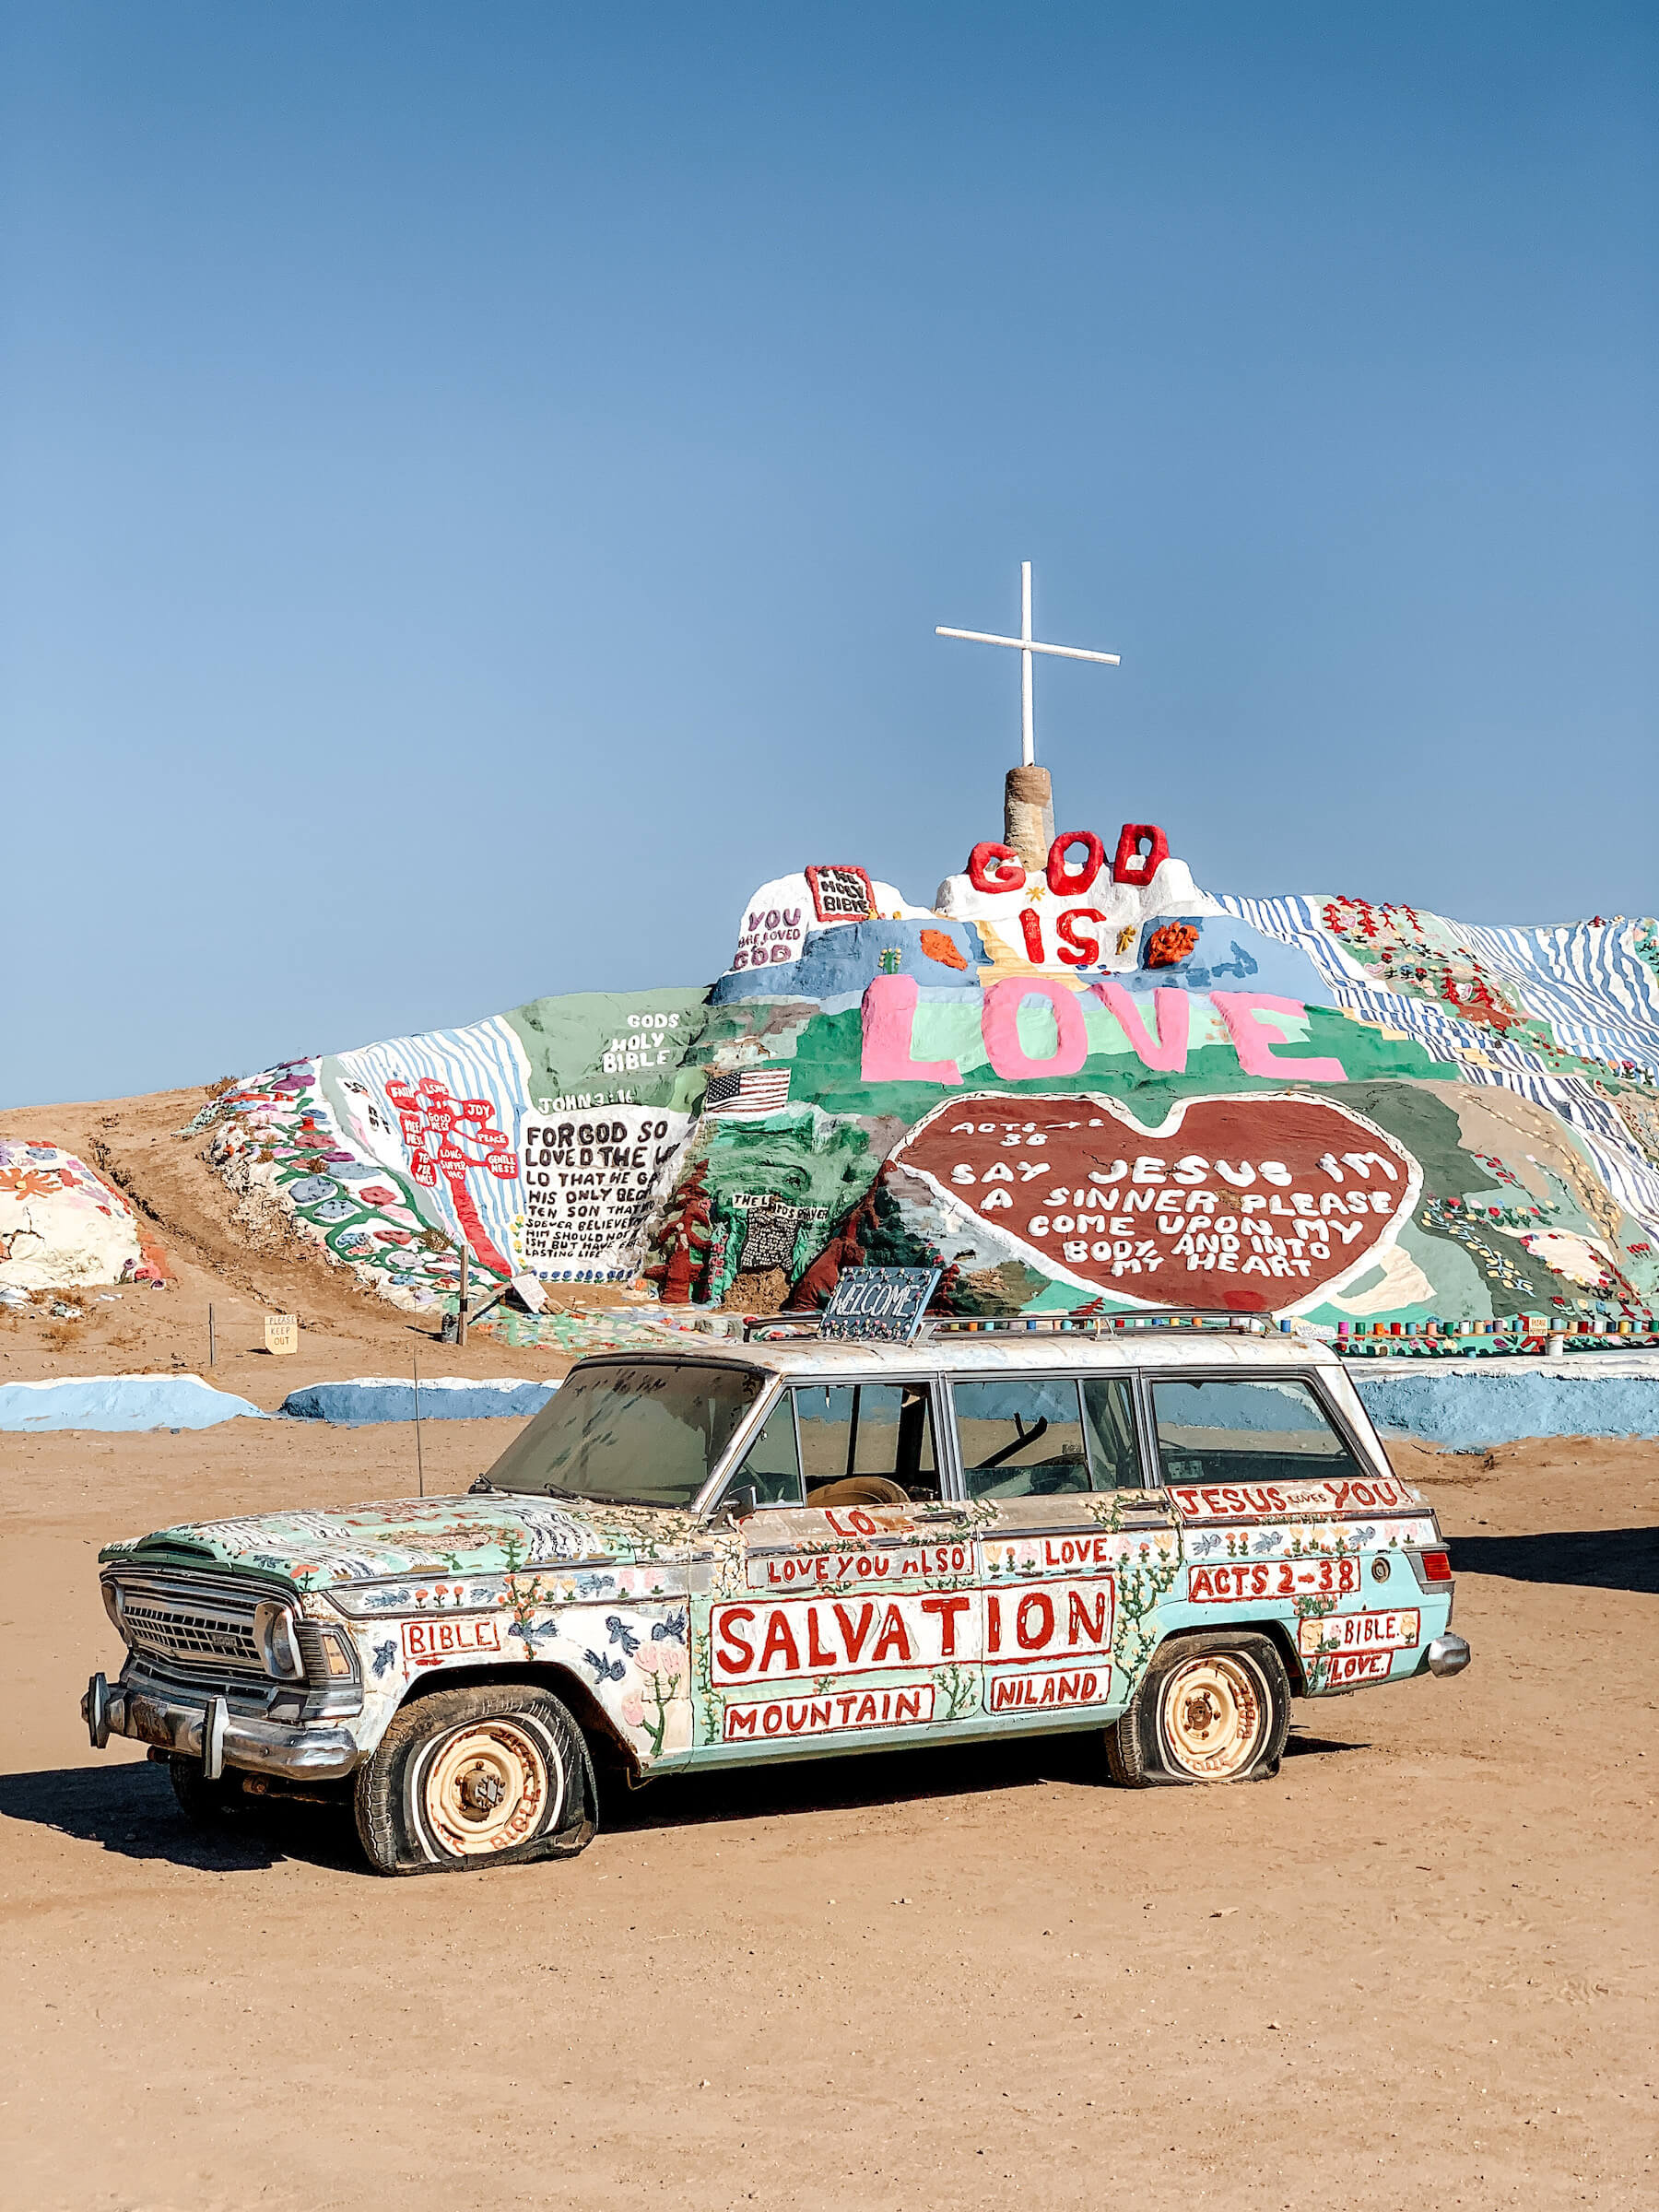 Salvation Mountain - méconnus incontournables Palm Springs - voyage en Californie